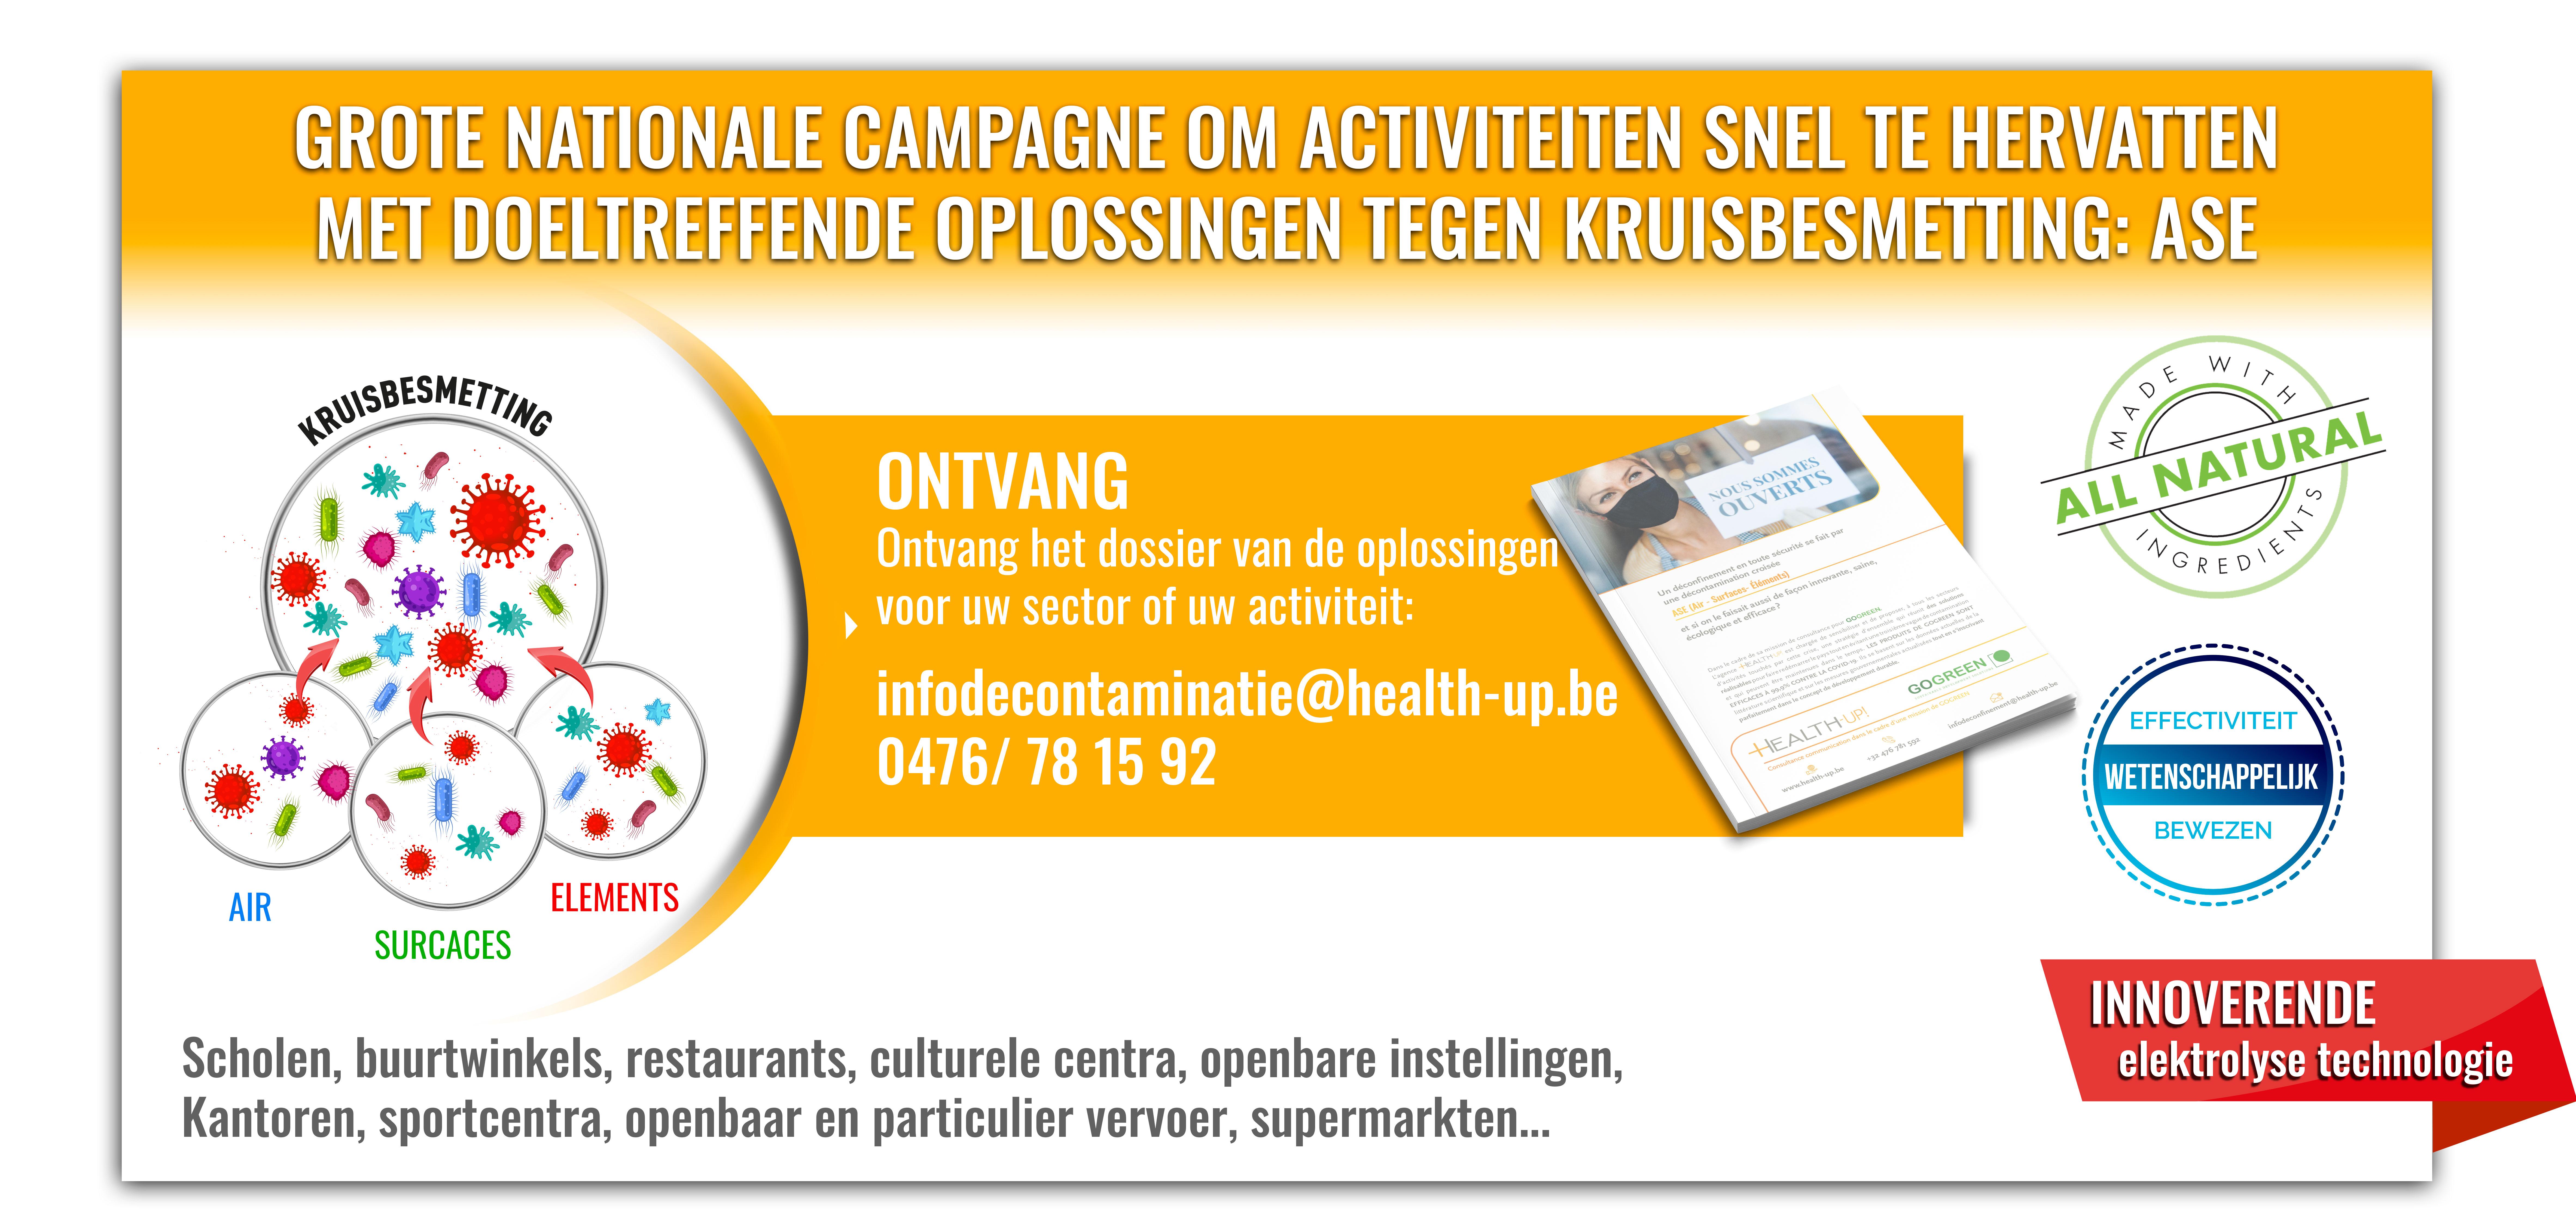 Contact voor de campagne voor deconfinatie